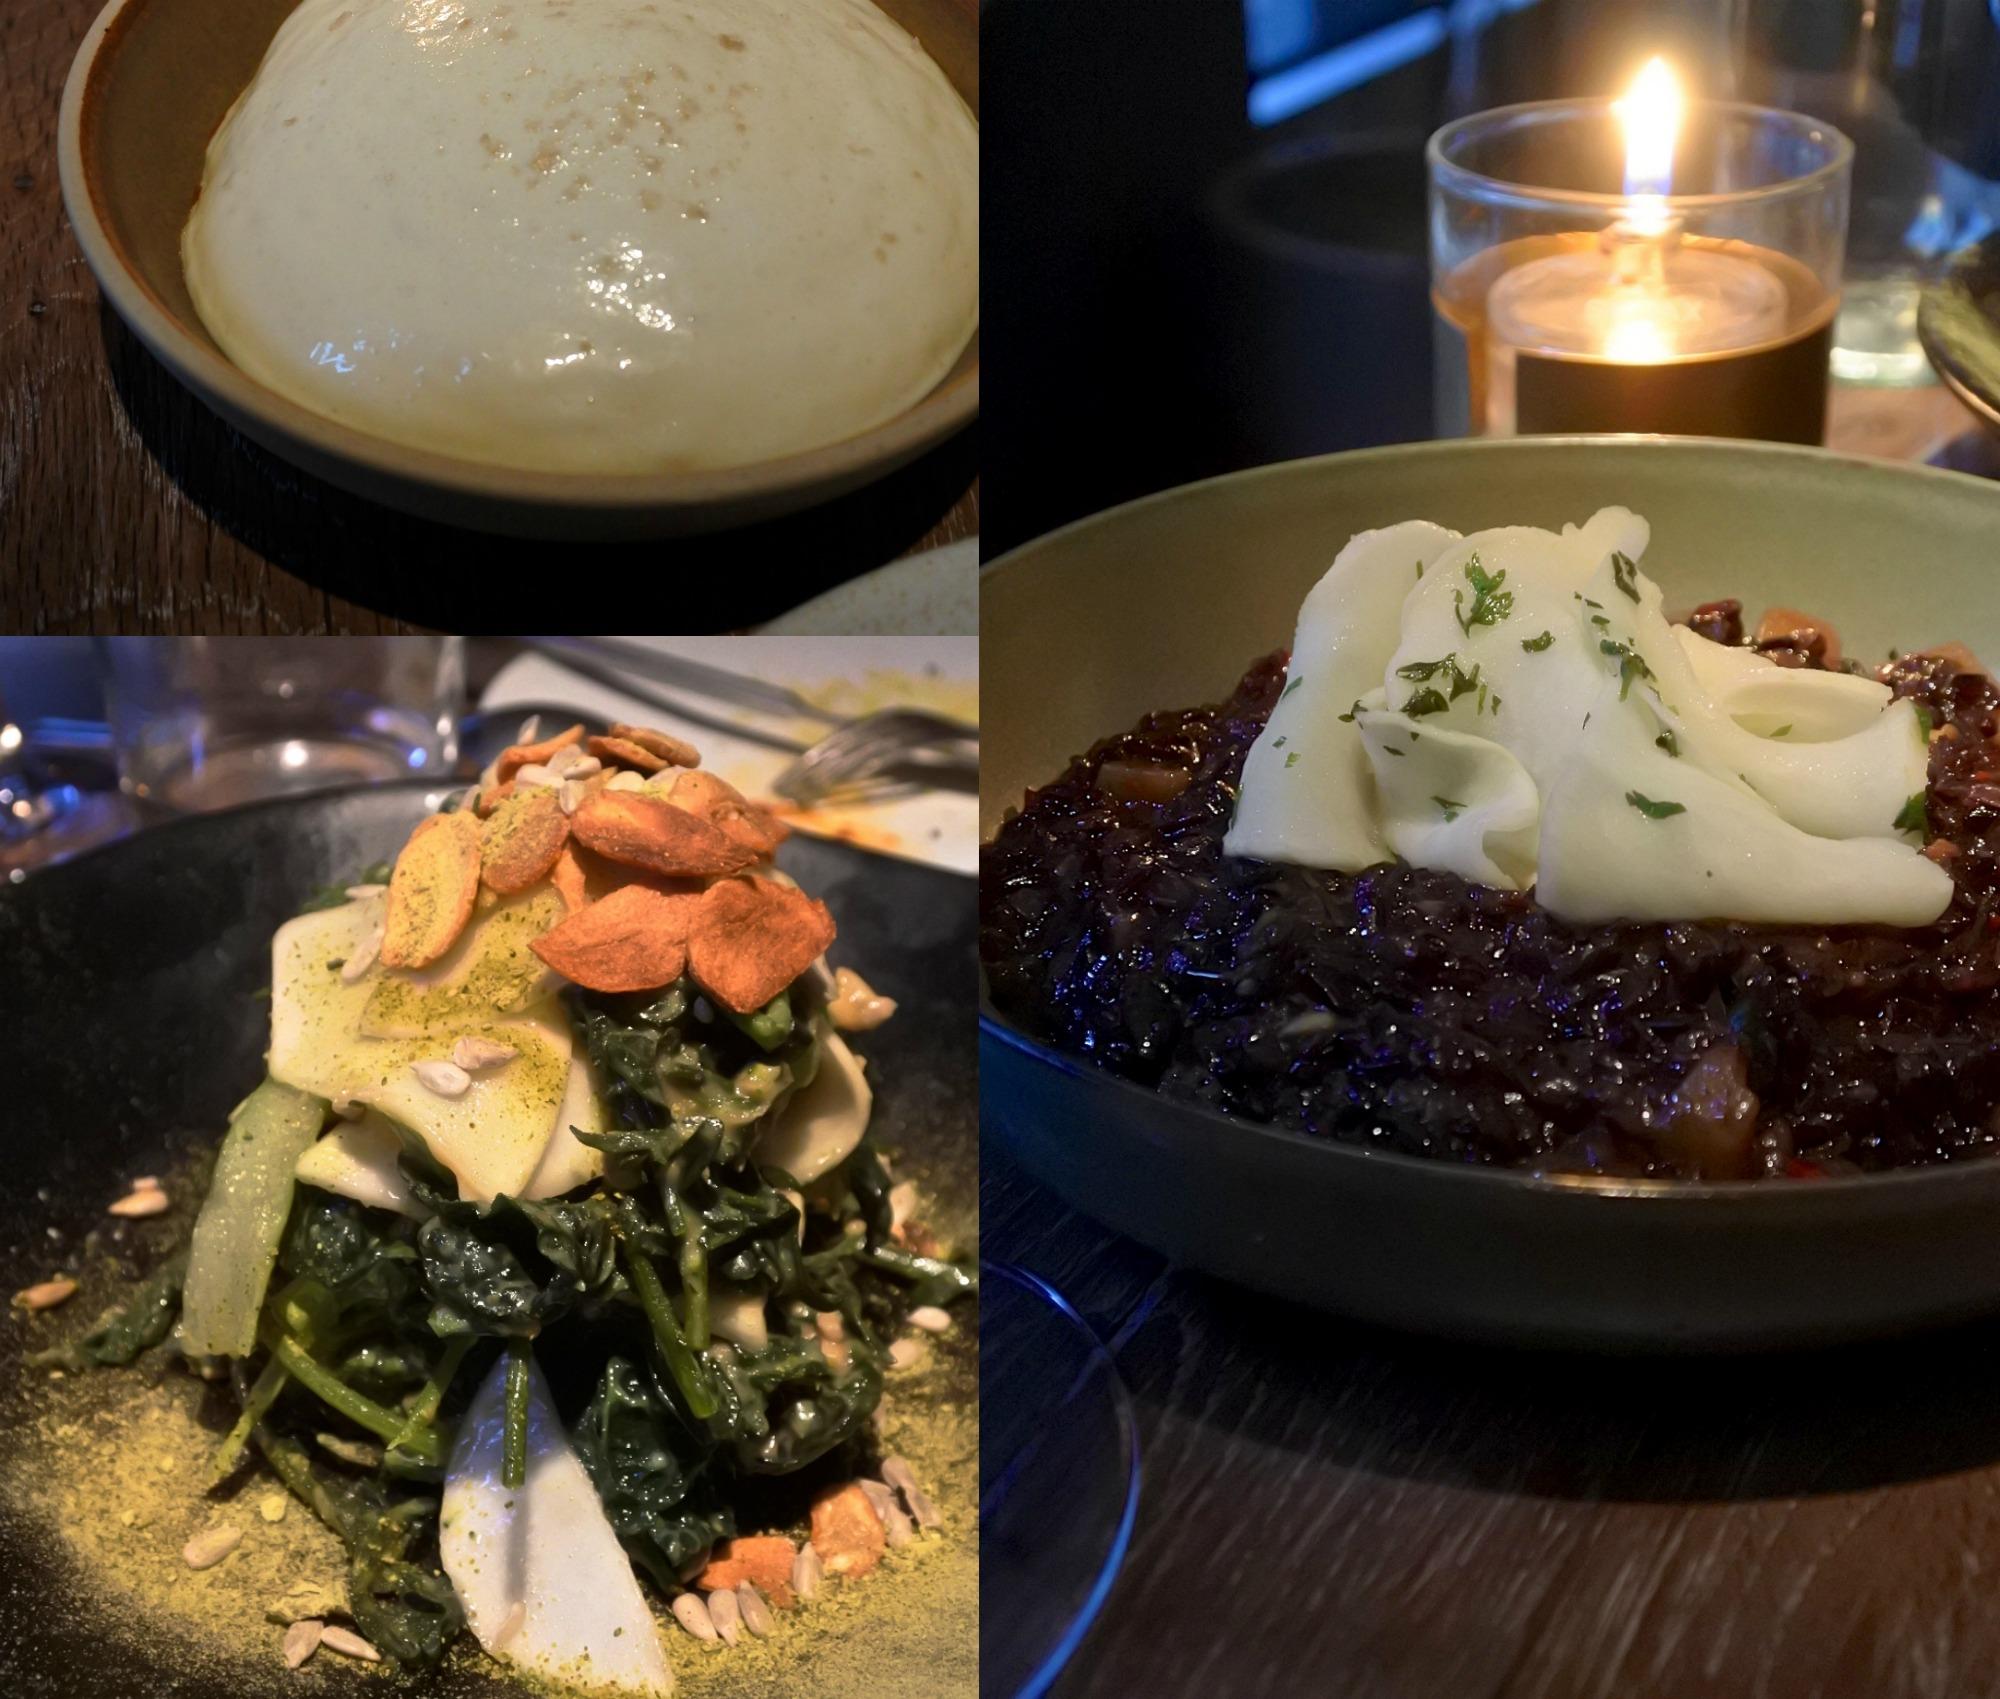 右がブラックライス、左下が春菊のように楽しめた青菜の味噌ドレッシング。左上は牛パブ用のディップです!